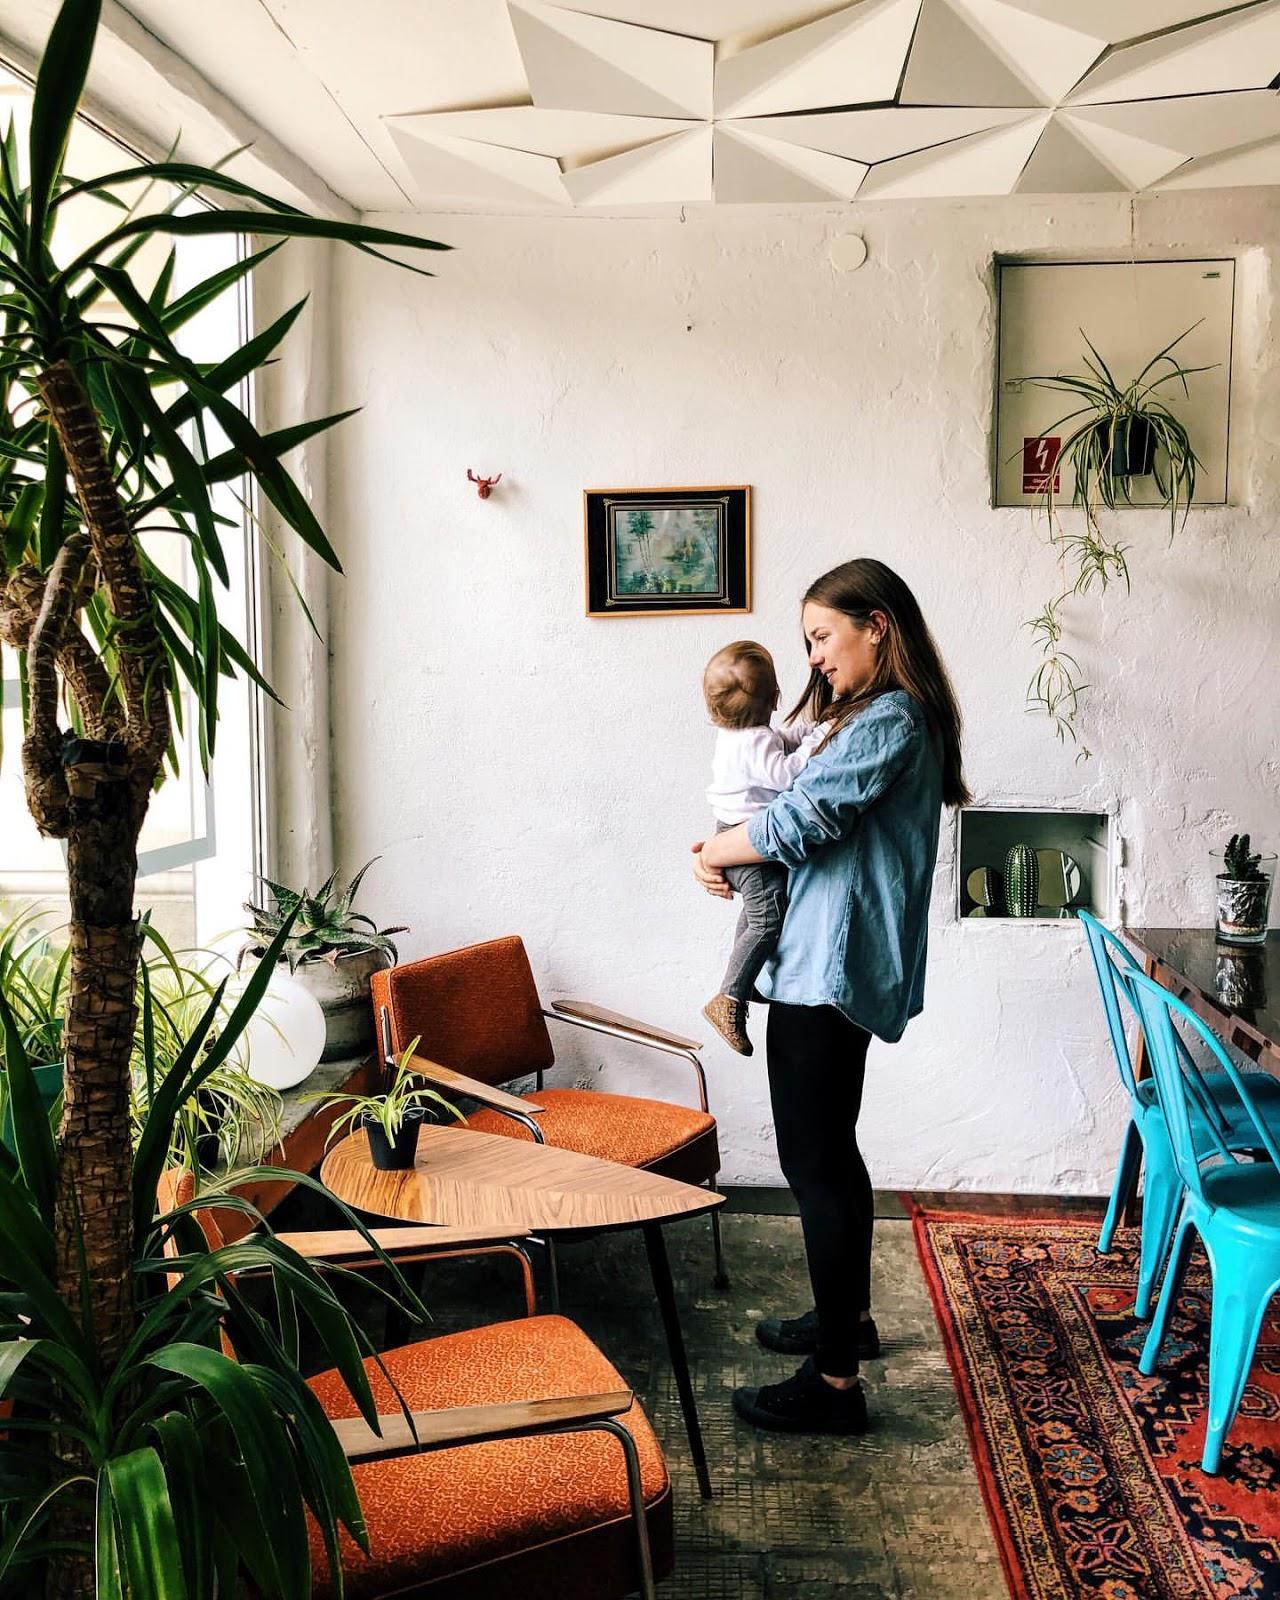 Podkast Wielka Niedźwiedzica - S01 E01 Marta Śliwicka